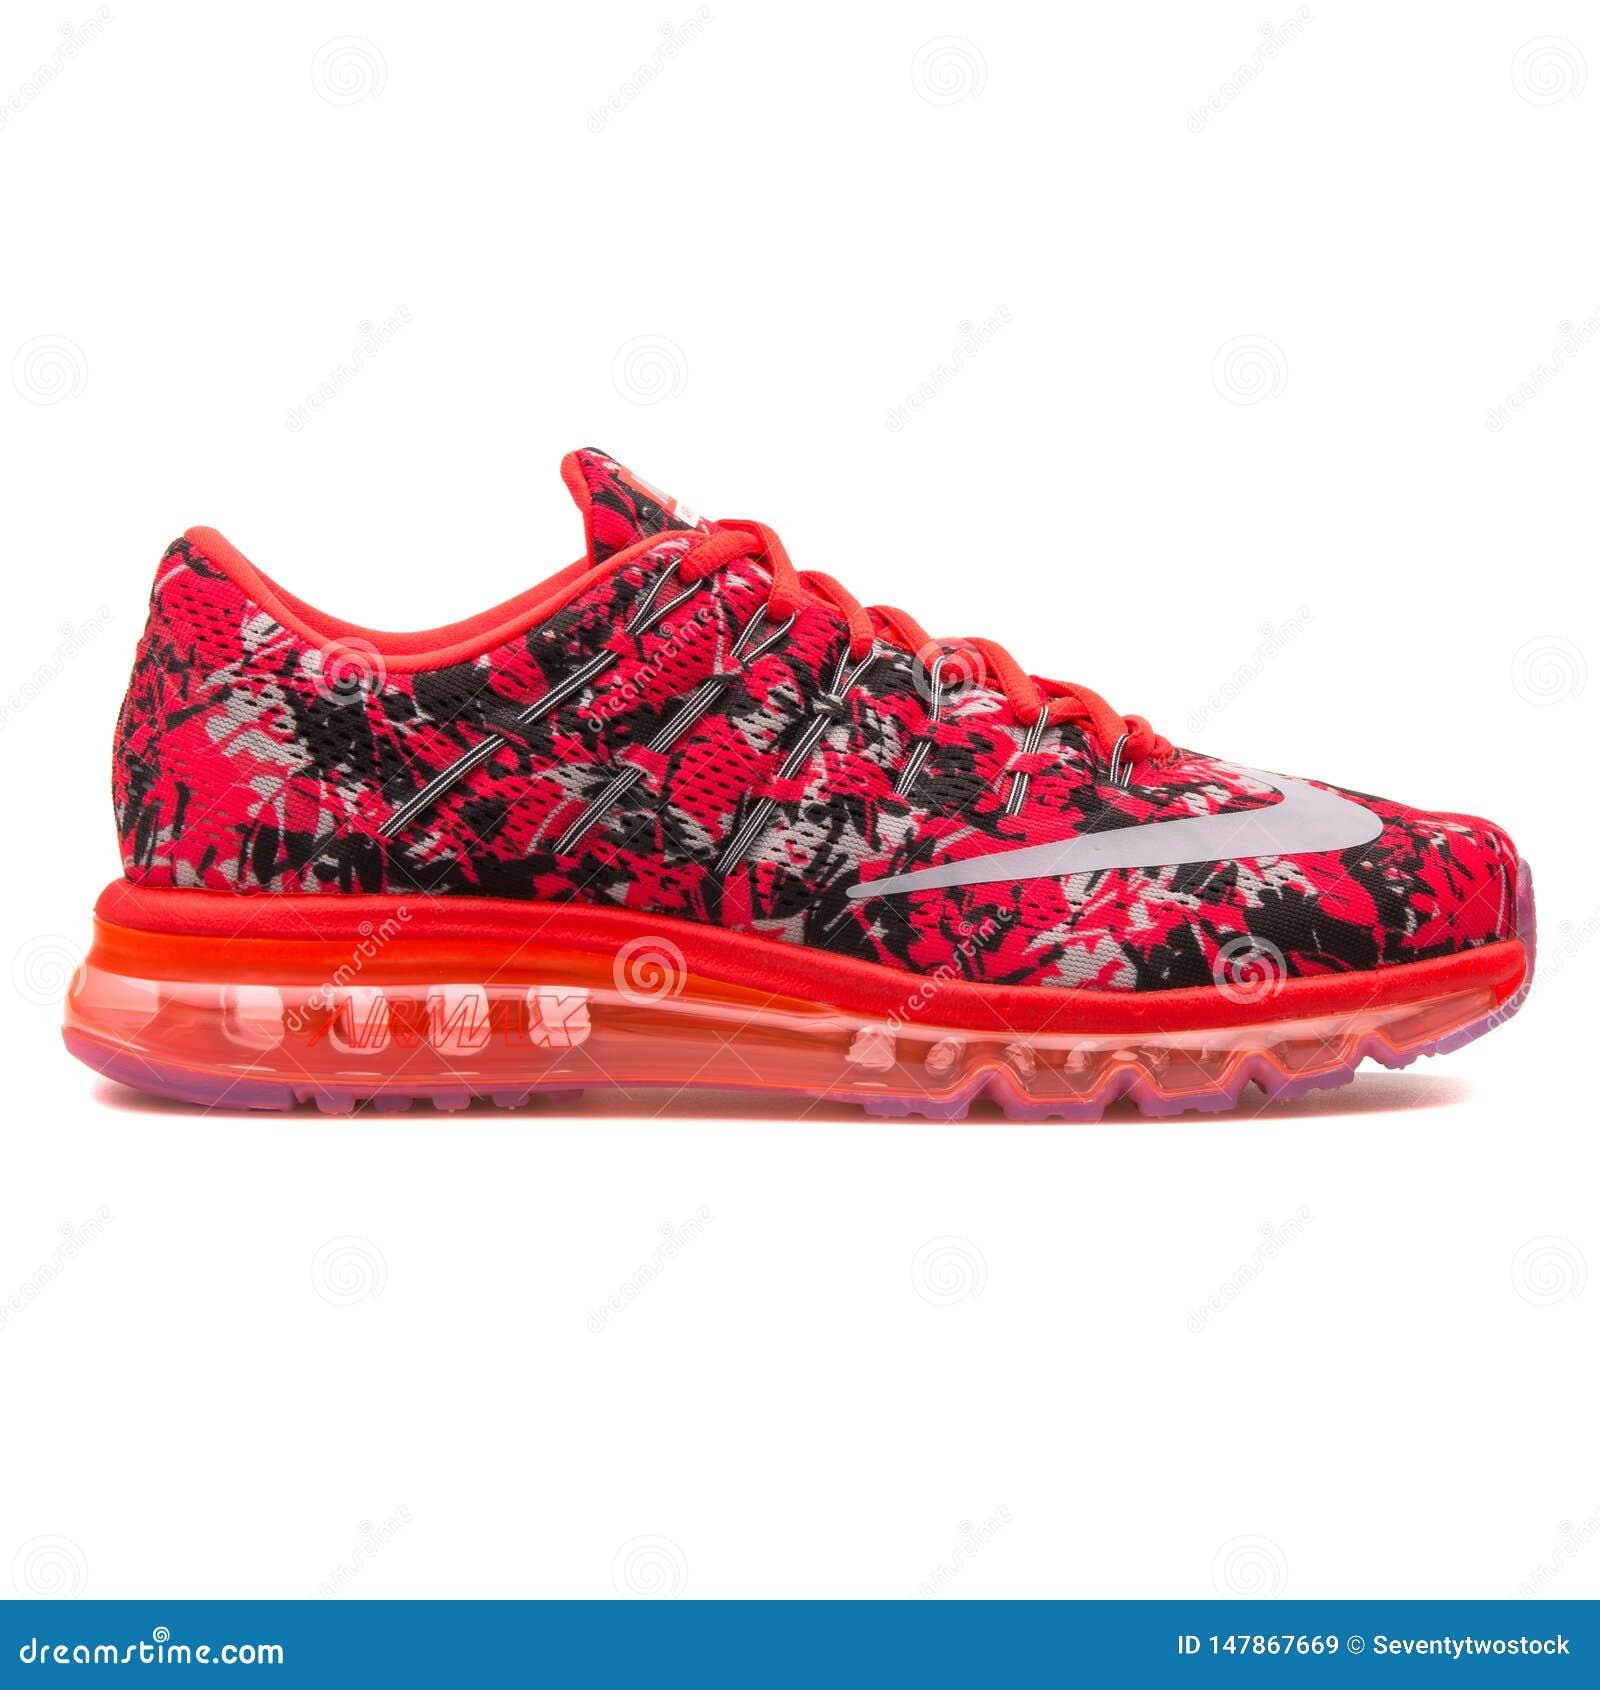 Nike Air Max 2016 Print Crimson And Black Sneaker Editorial